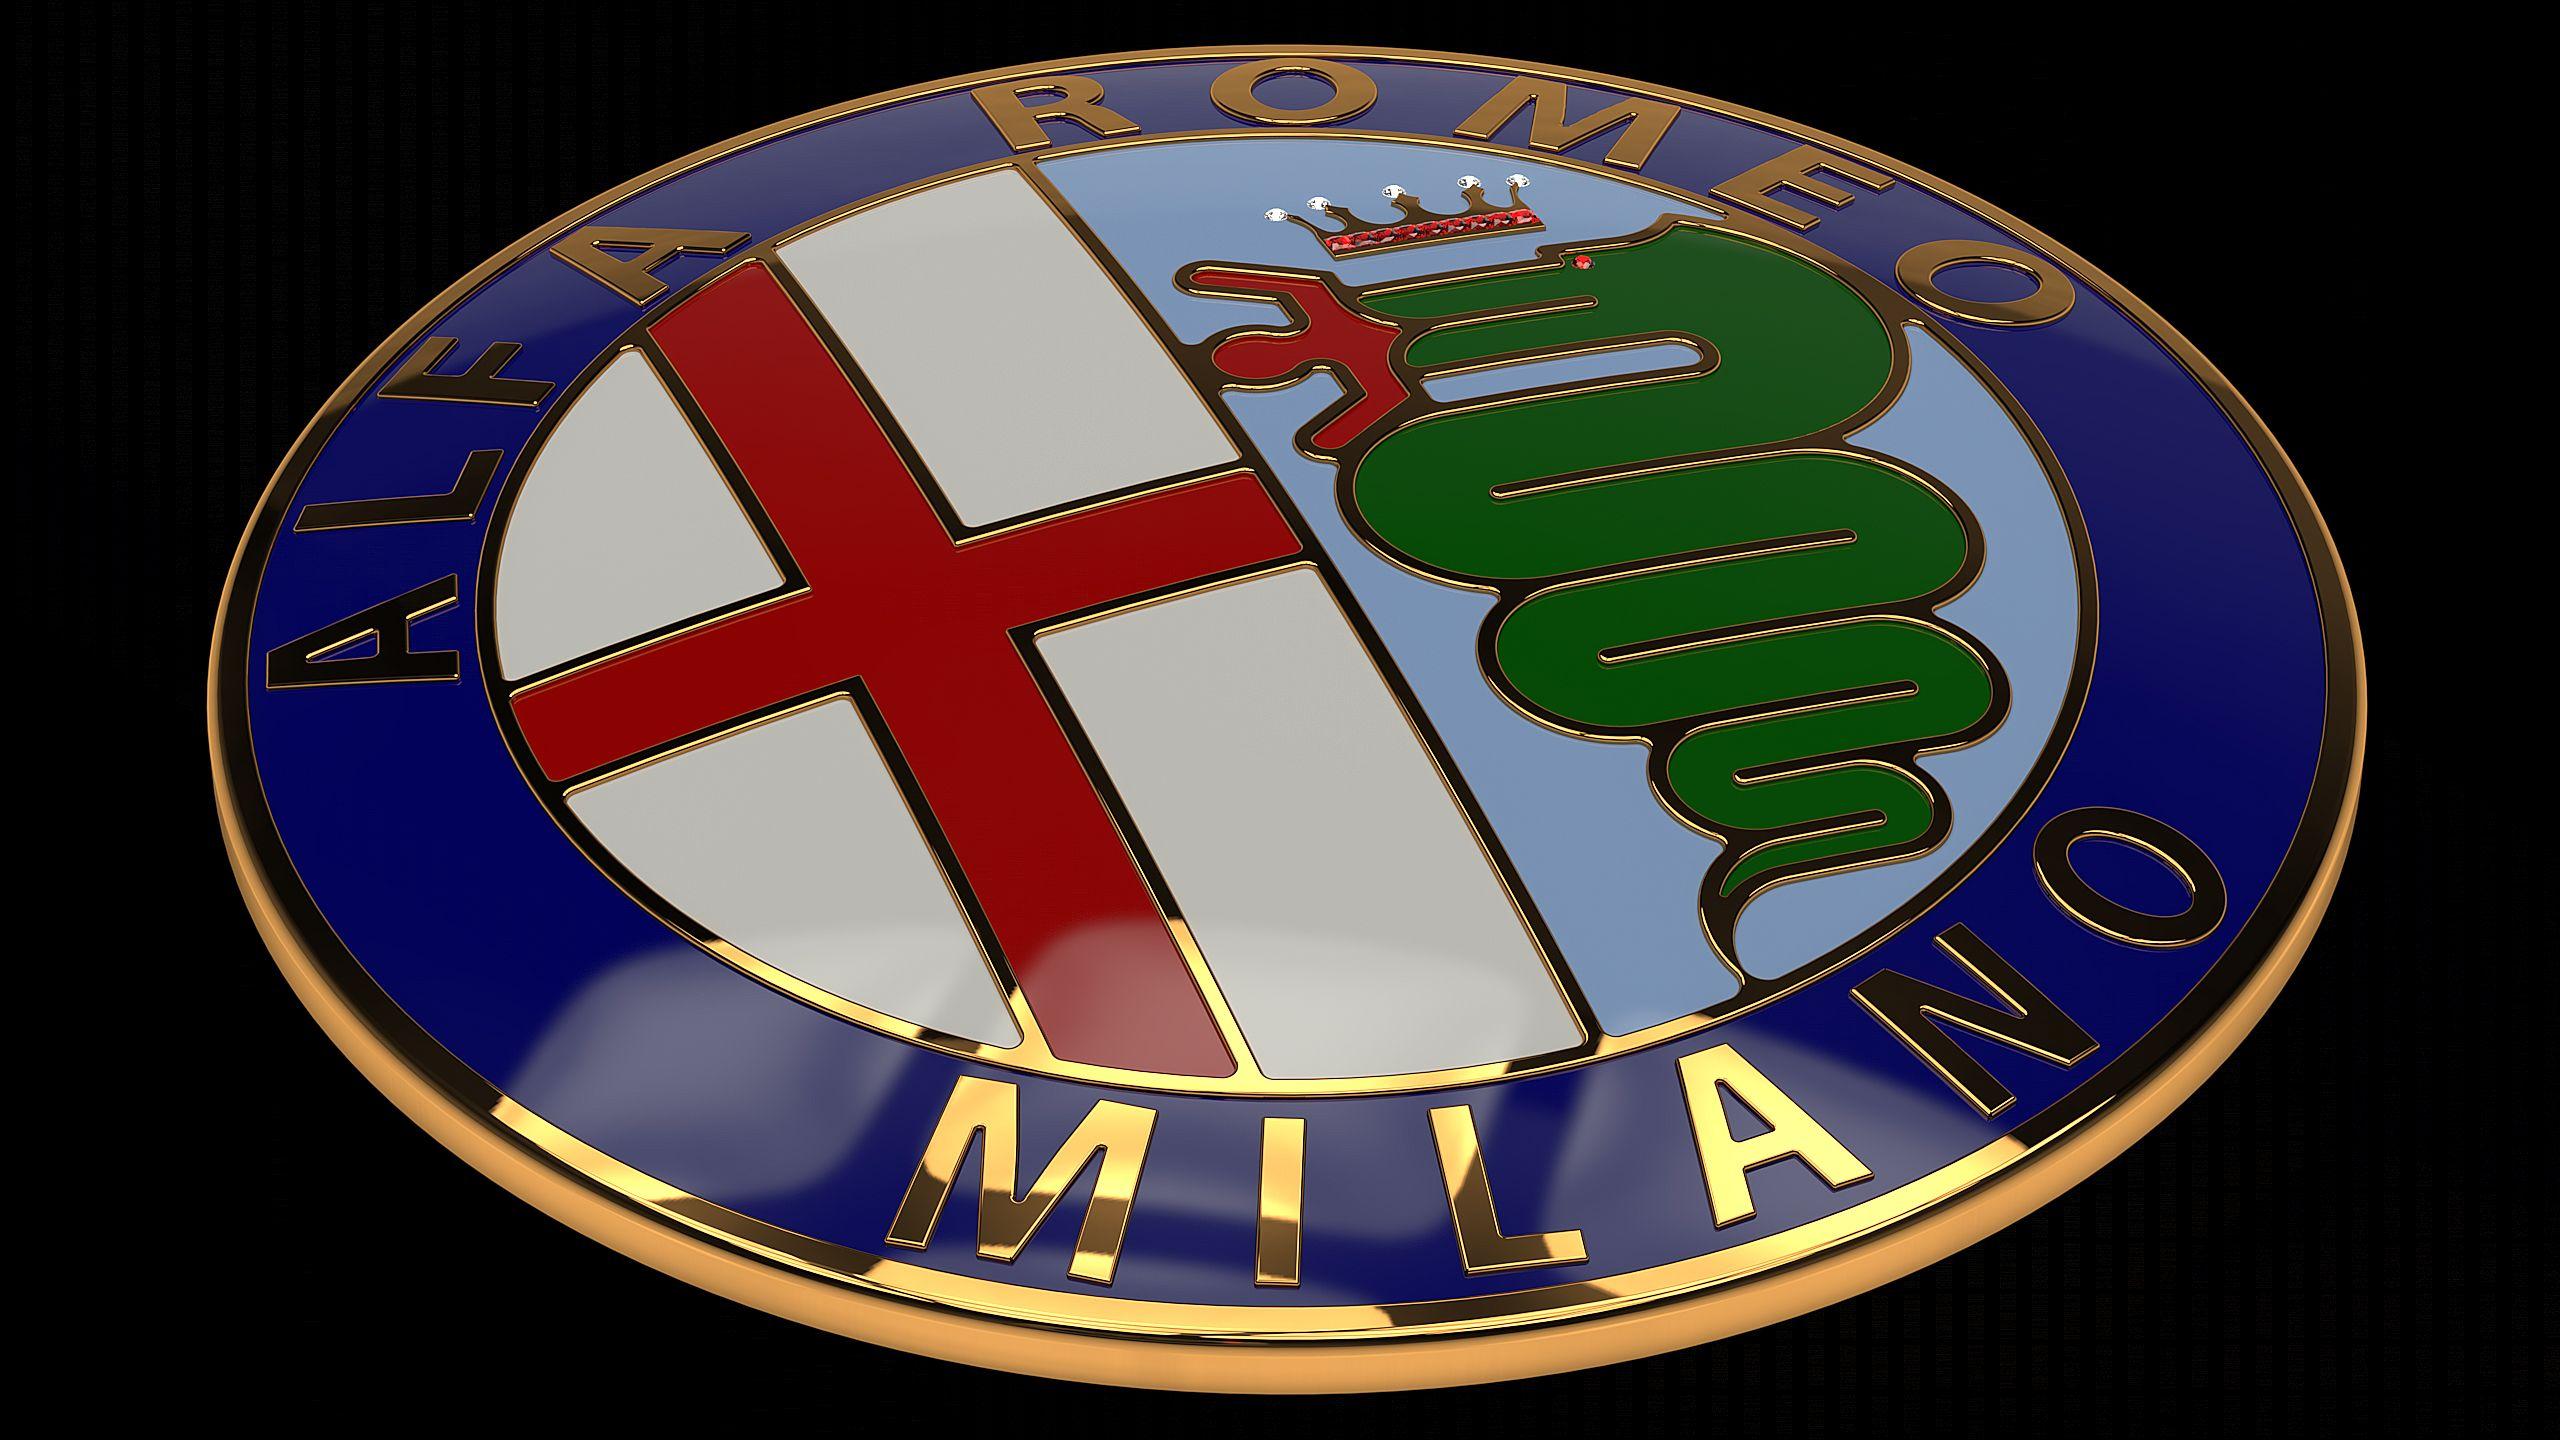 logos for alfa romeo logo alfa romeo alfa romeo logo. Black Bedroom Furniture Sets. Home Design Ideas